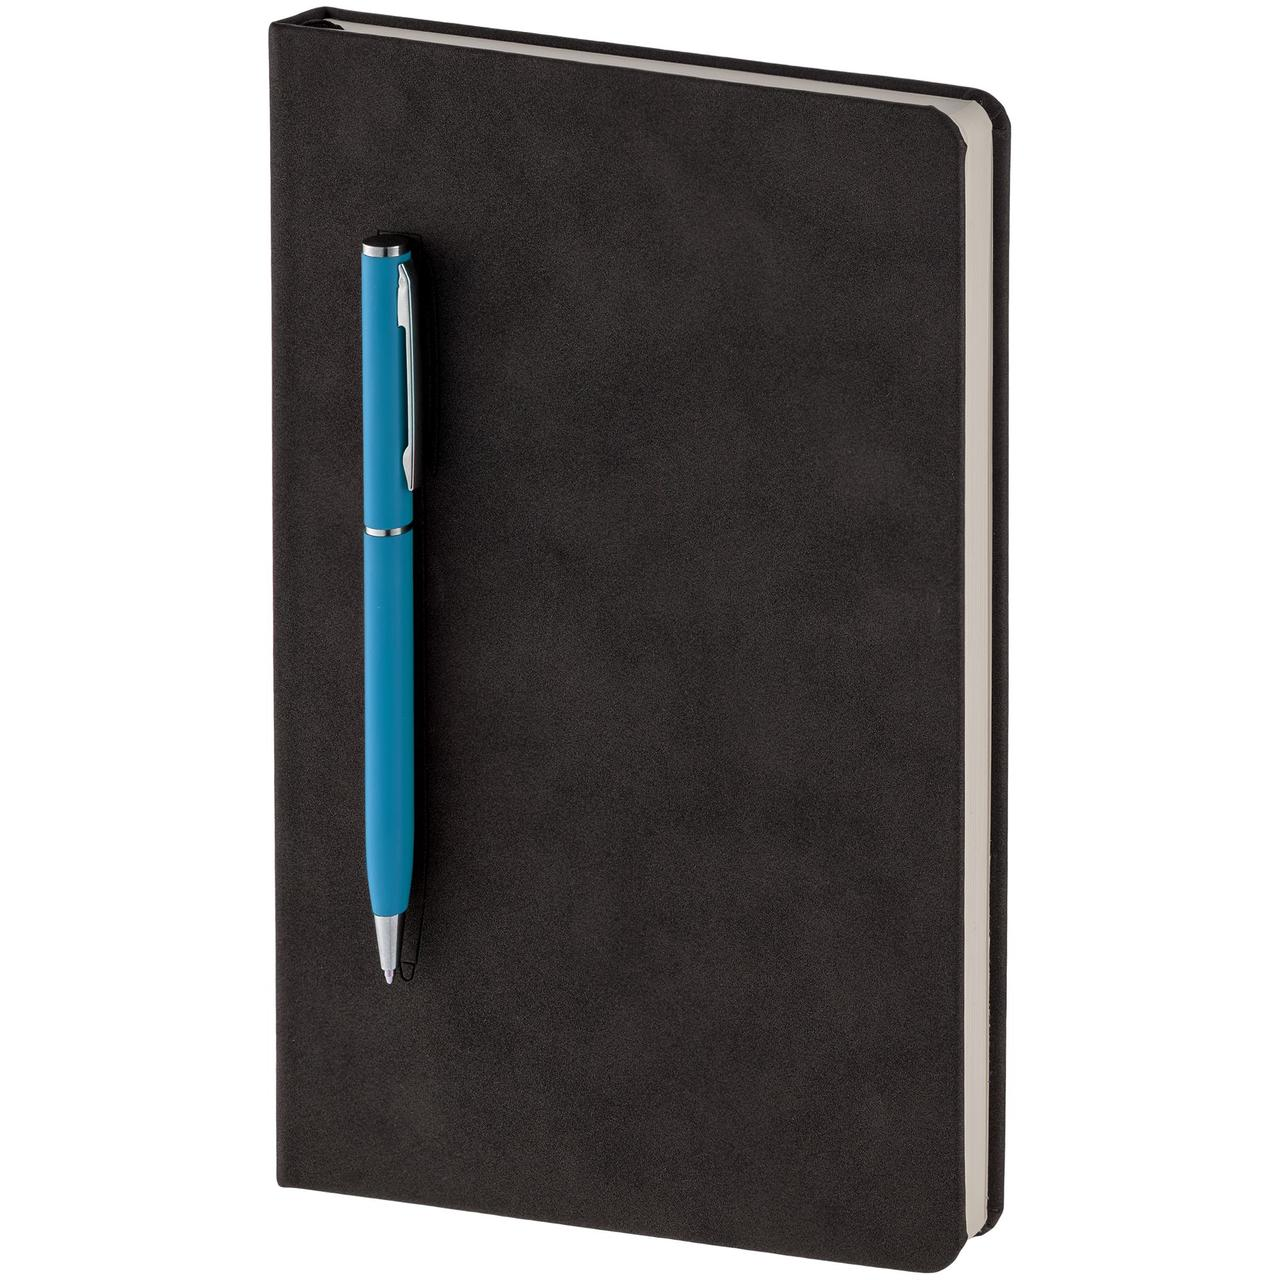 Блокнот Magnet Chrome с ручкой, черно-голубой (артикул 15016.44)